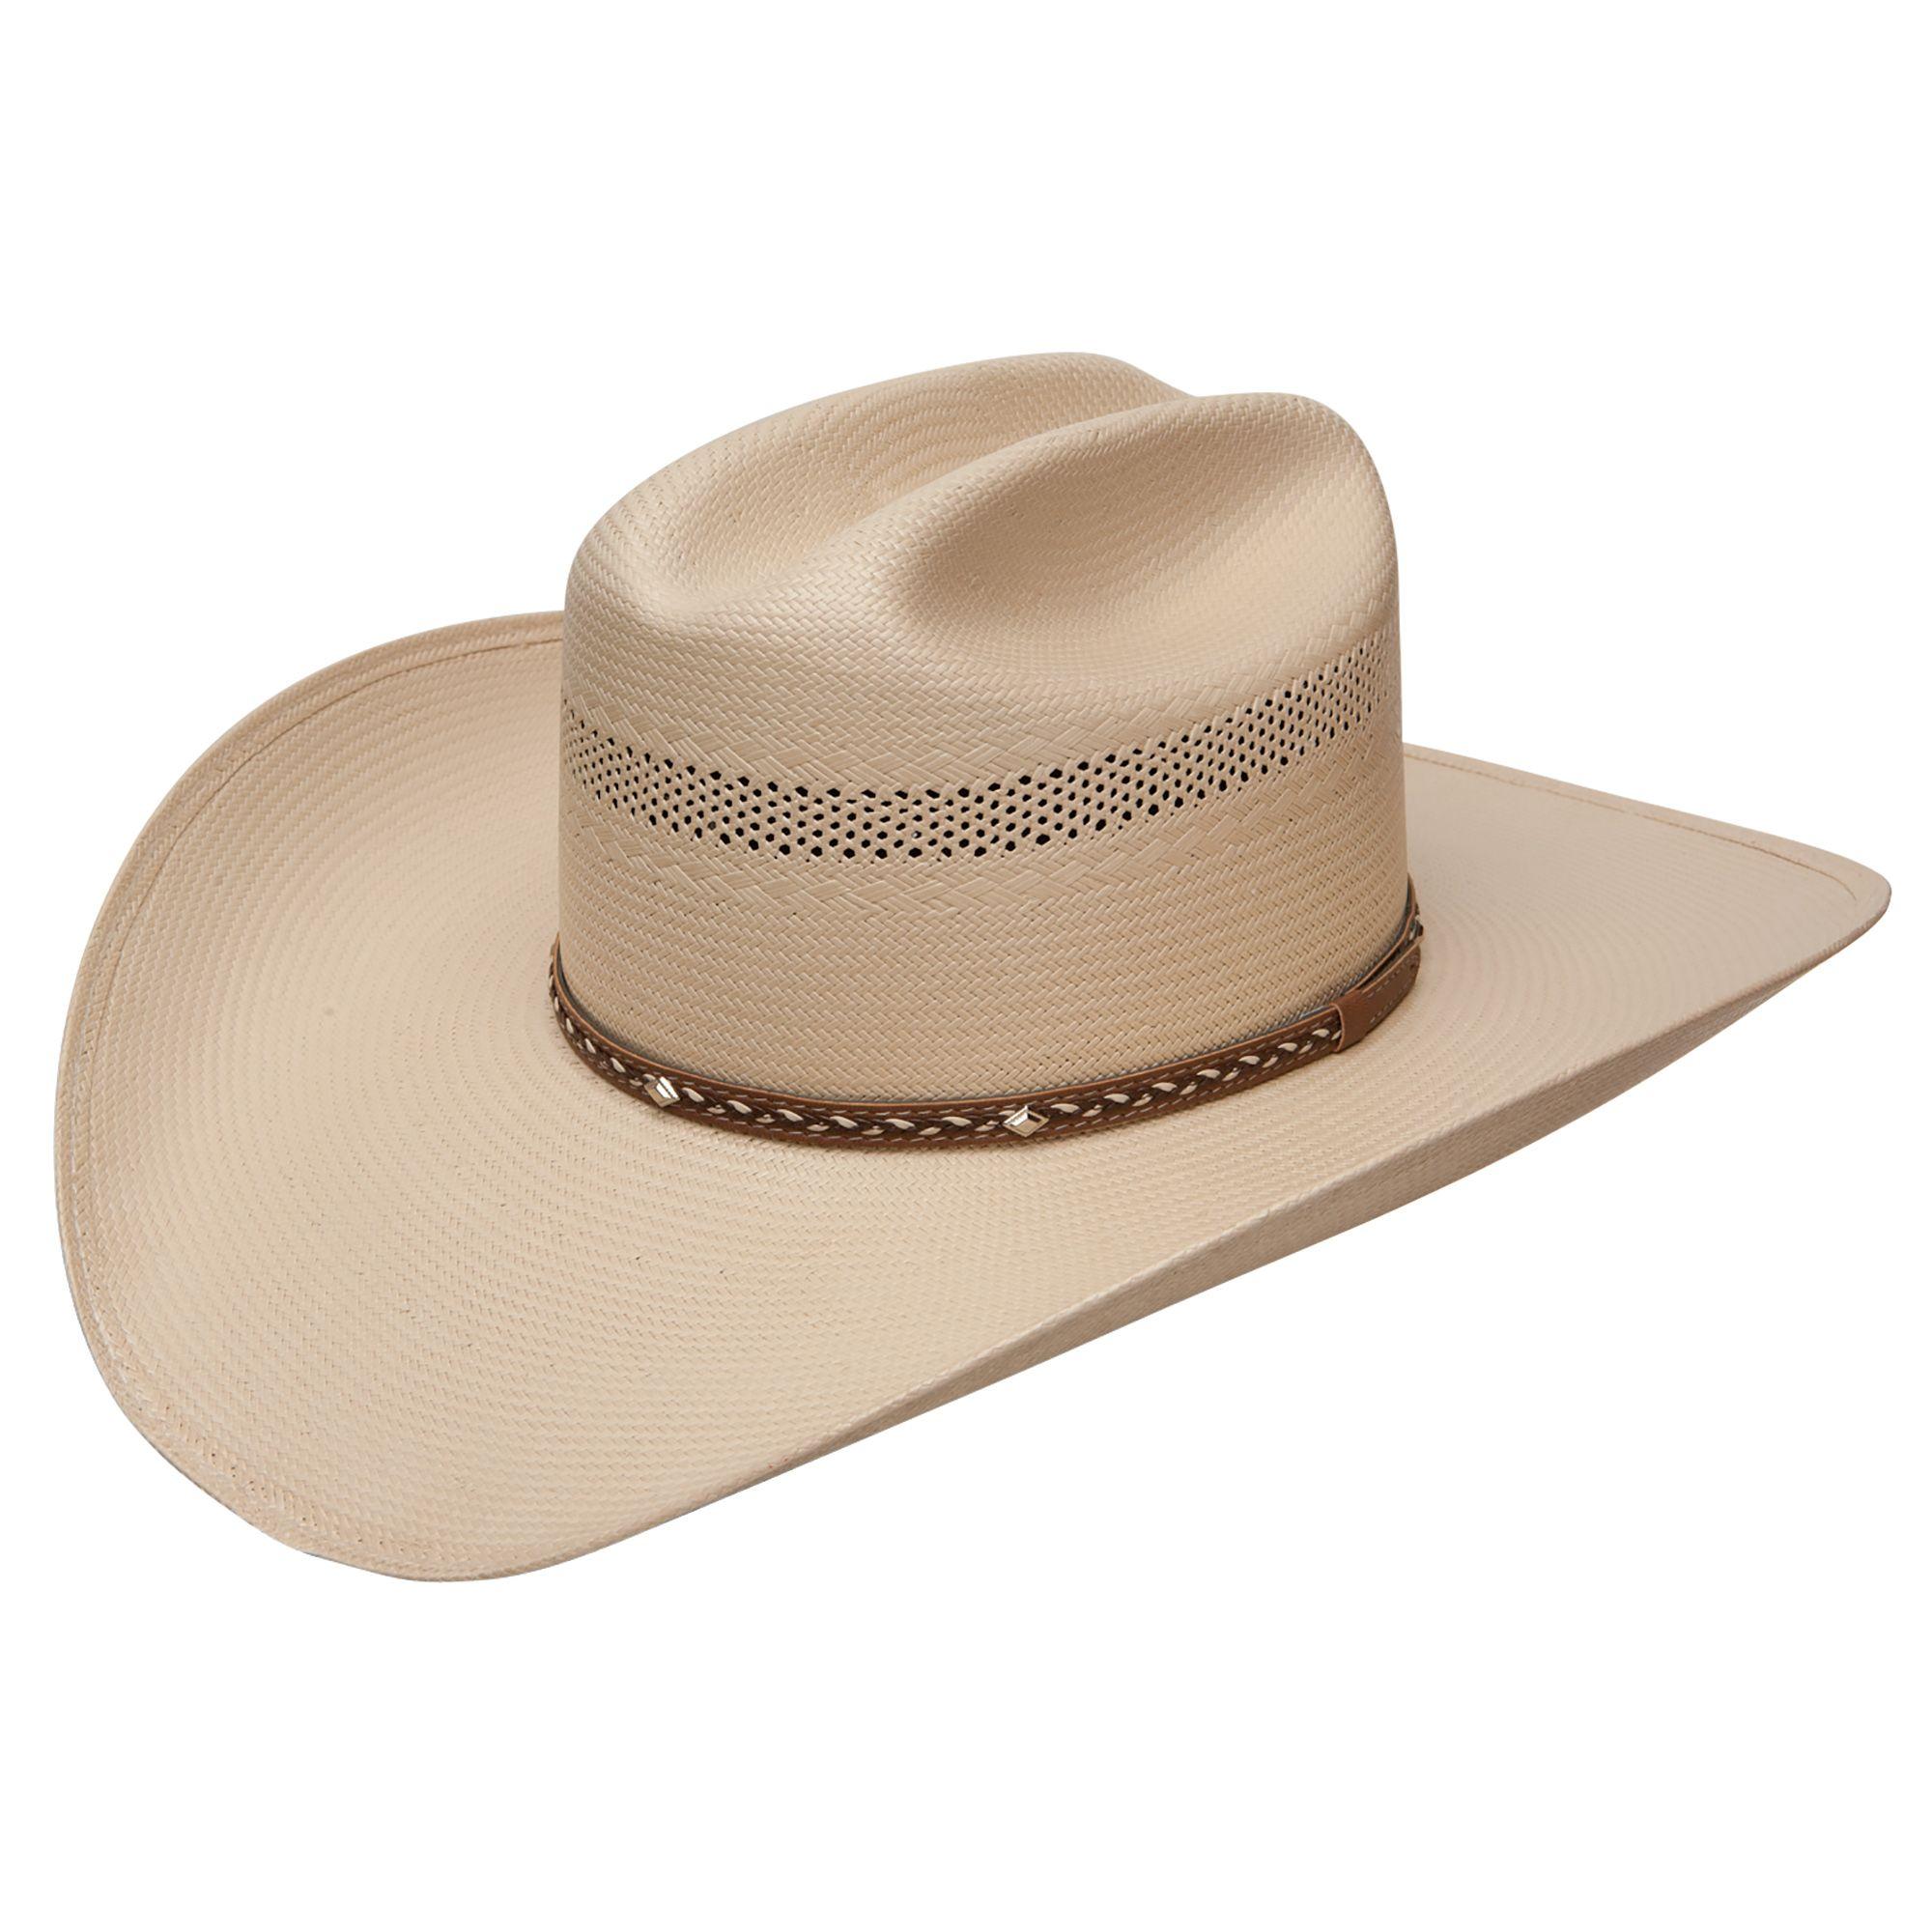 acbef798d3a61 Mens Cowboy Hats Resistol Mozaun 20X Shantung 4.5